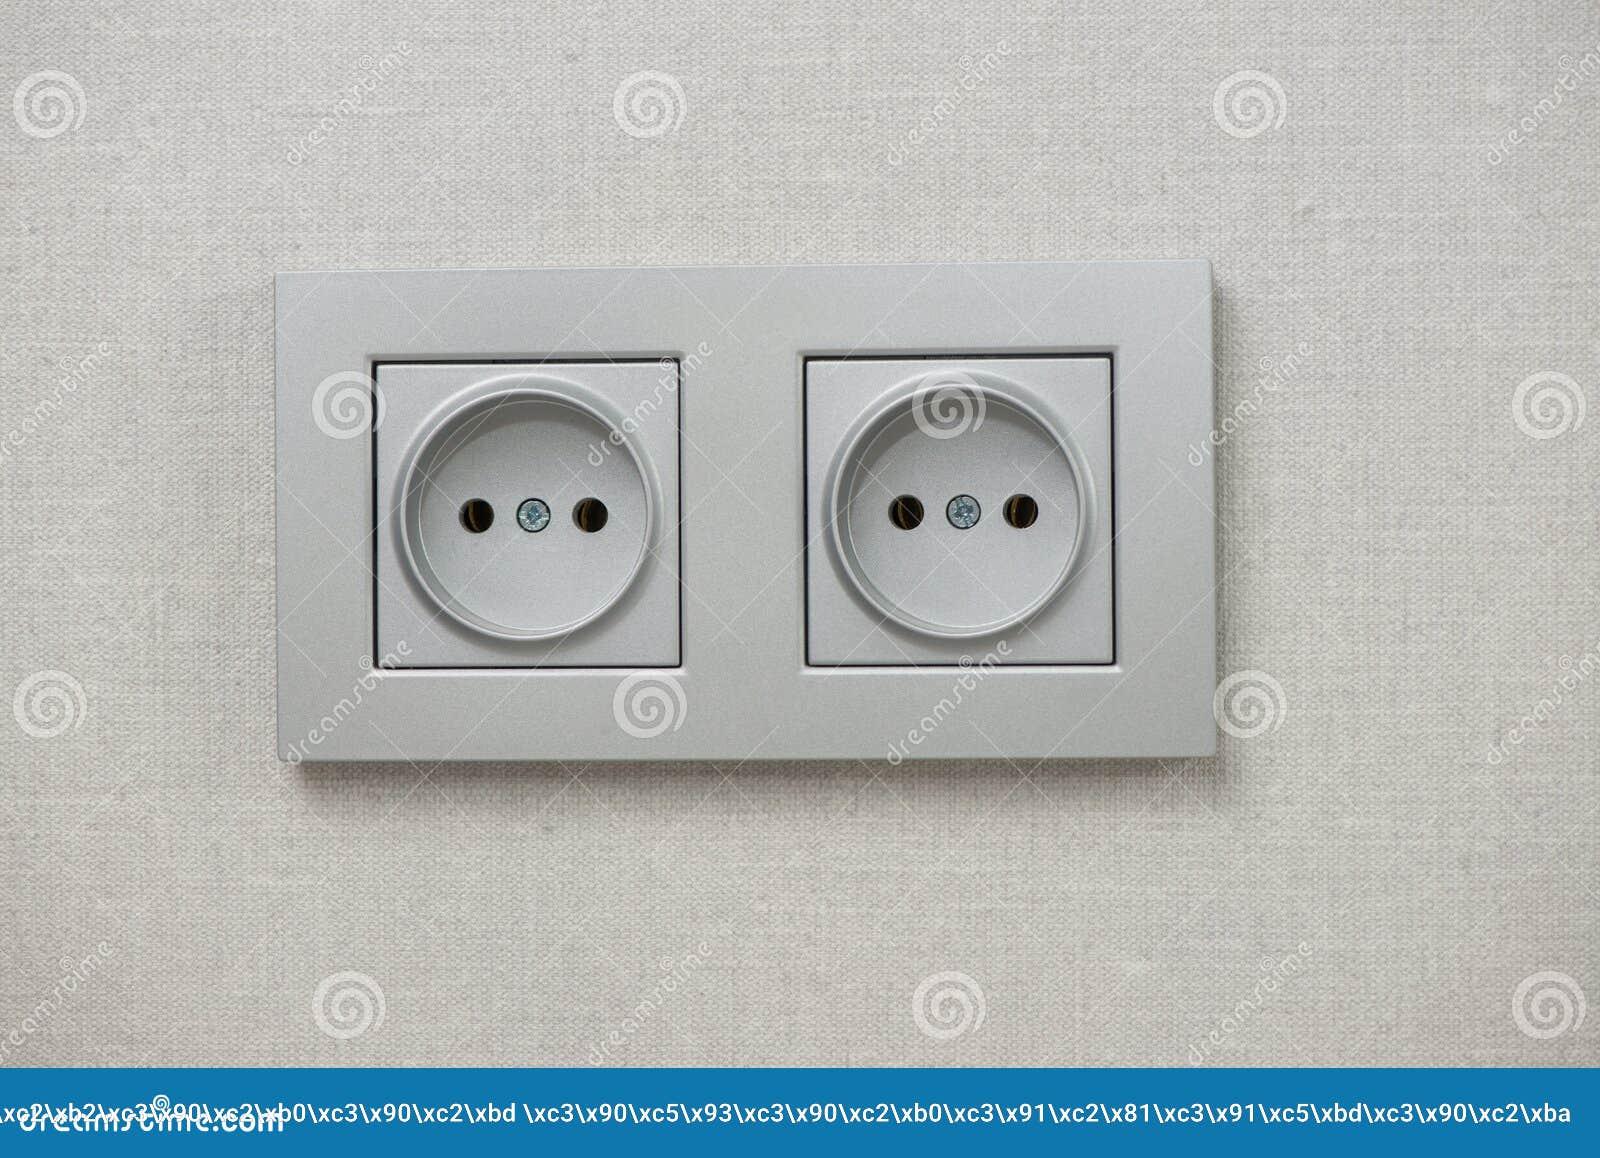 E Grade elétrica interruptor do close-up close-up bonde